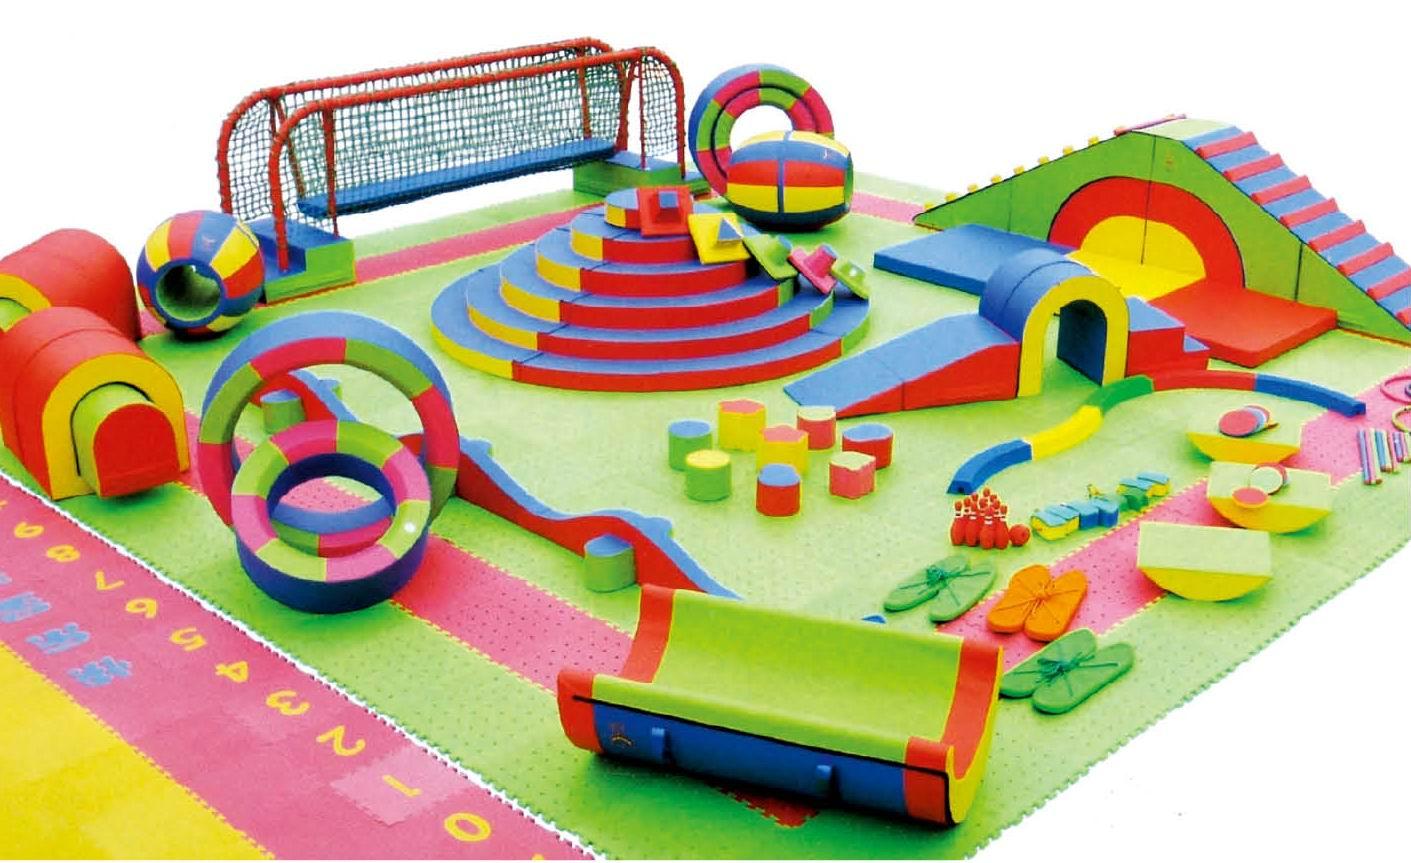 Preescolar muebles y juguetes de jard n de juegos de bloques de construcci n lt 2176b buy - Mobiliario para jardin ...